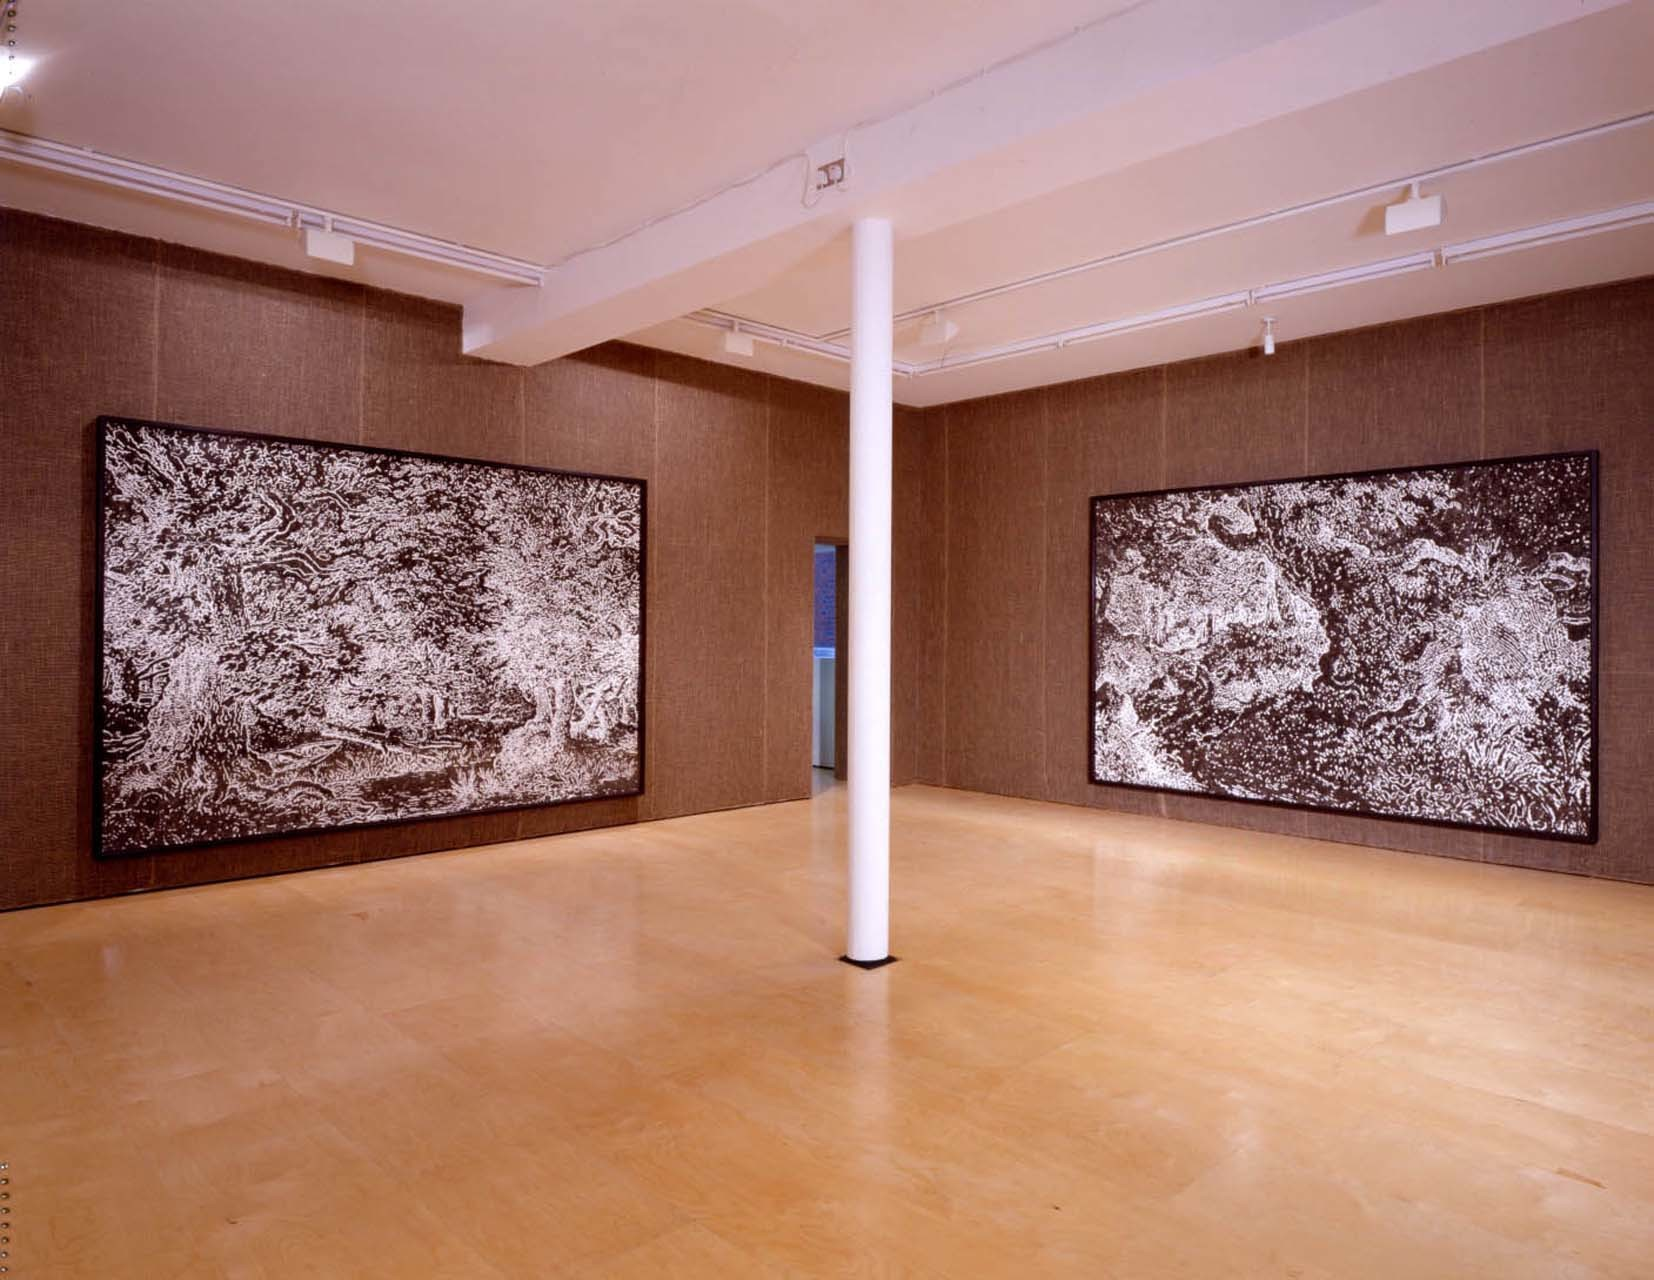 """<div class=""""artwork_caption""""><p>Installation View, 2002</p></div>"""